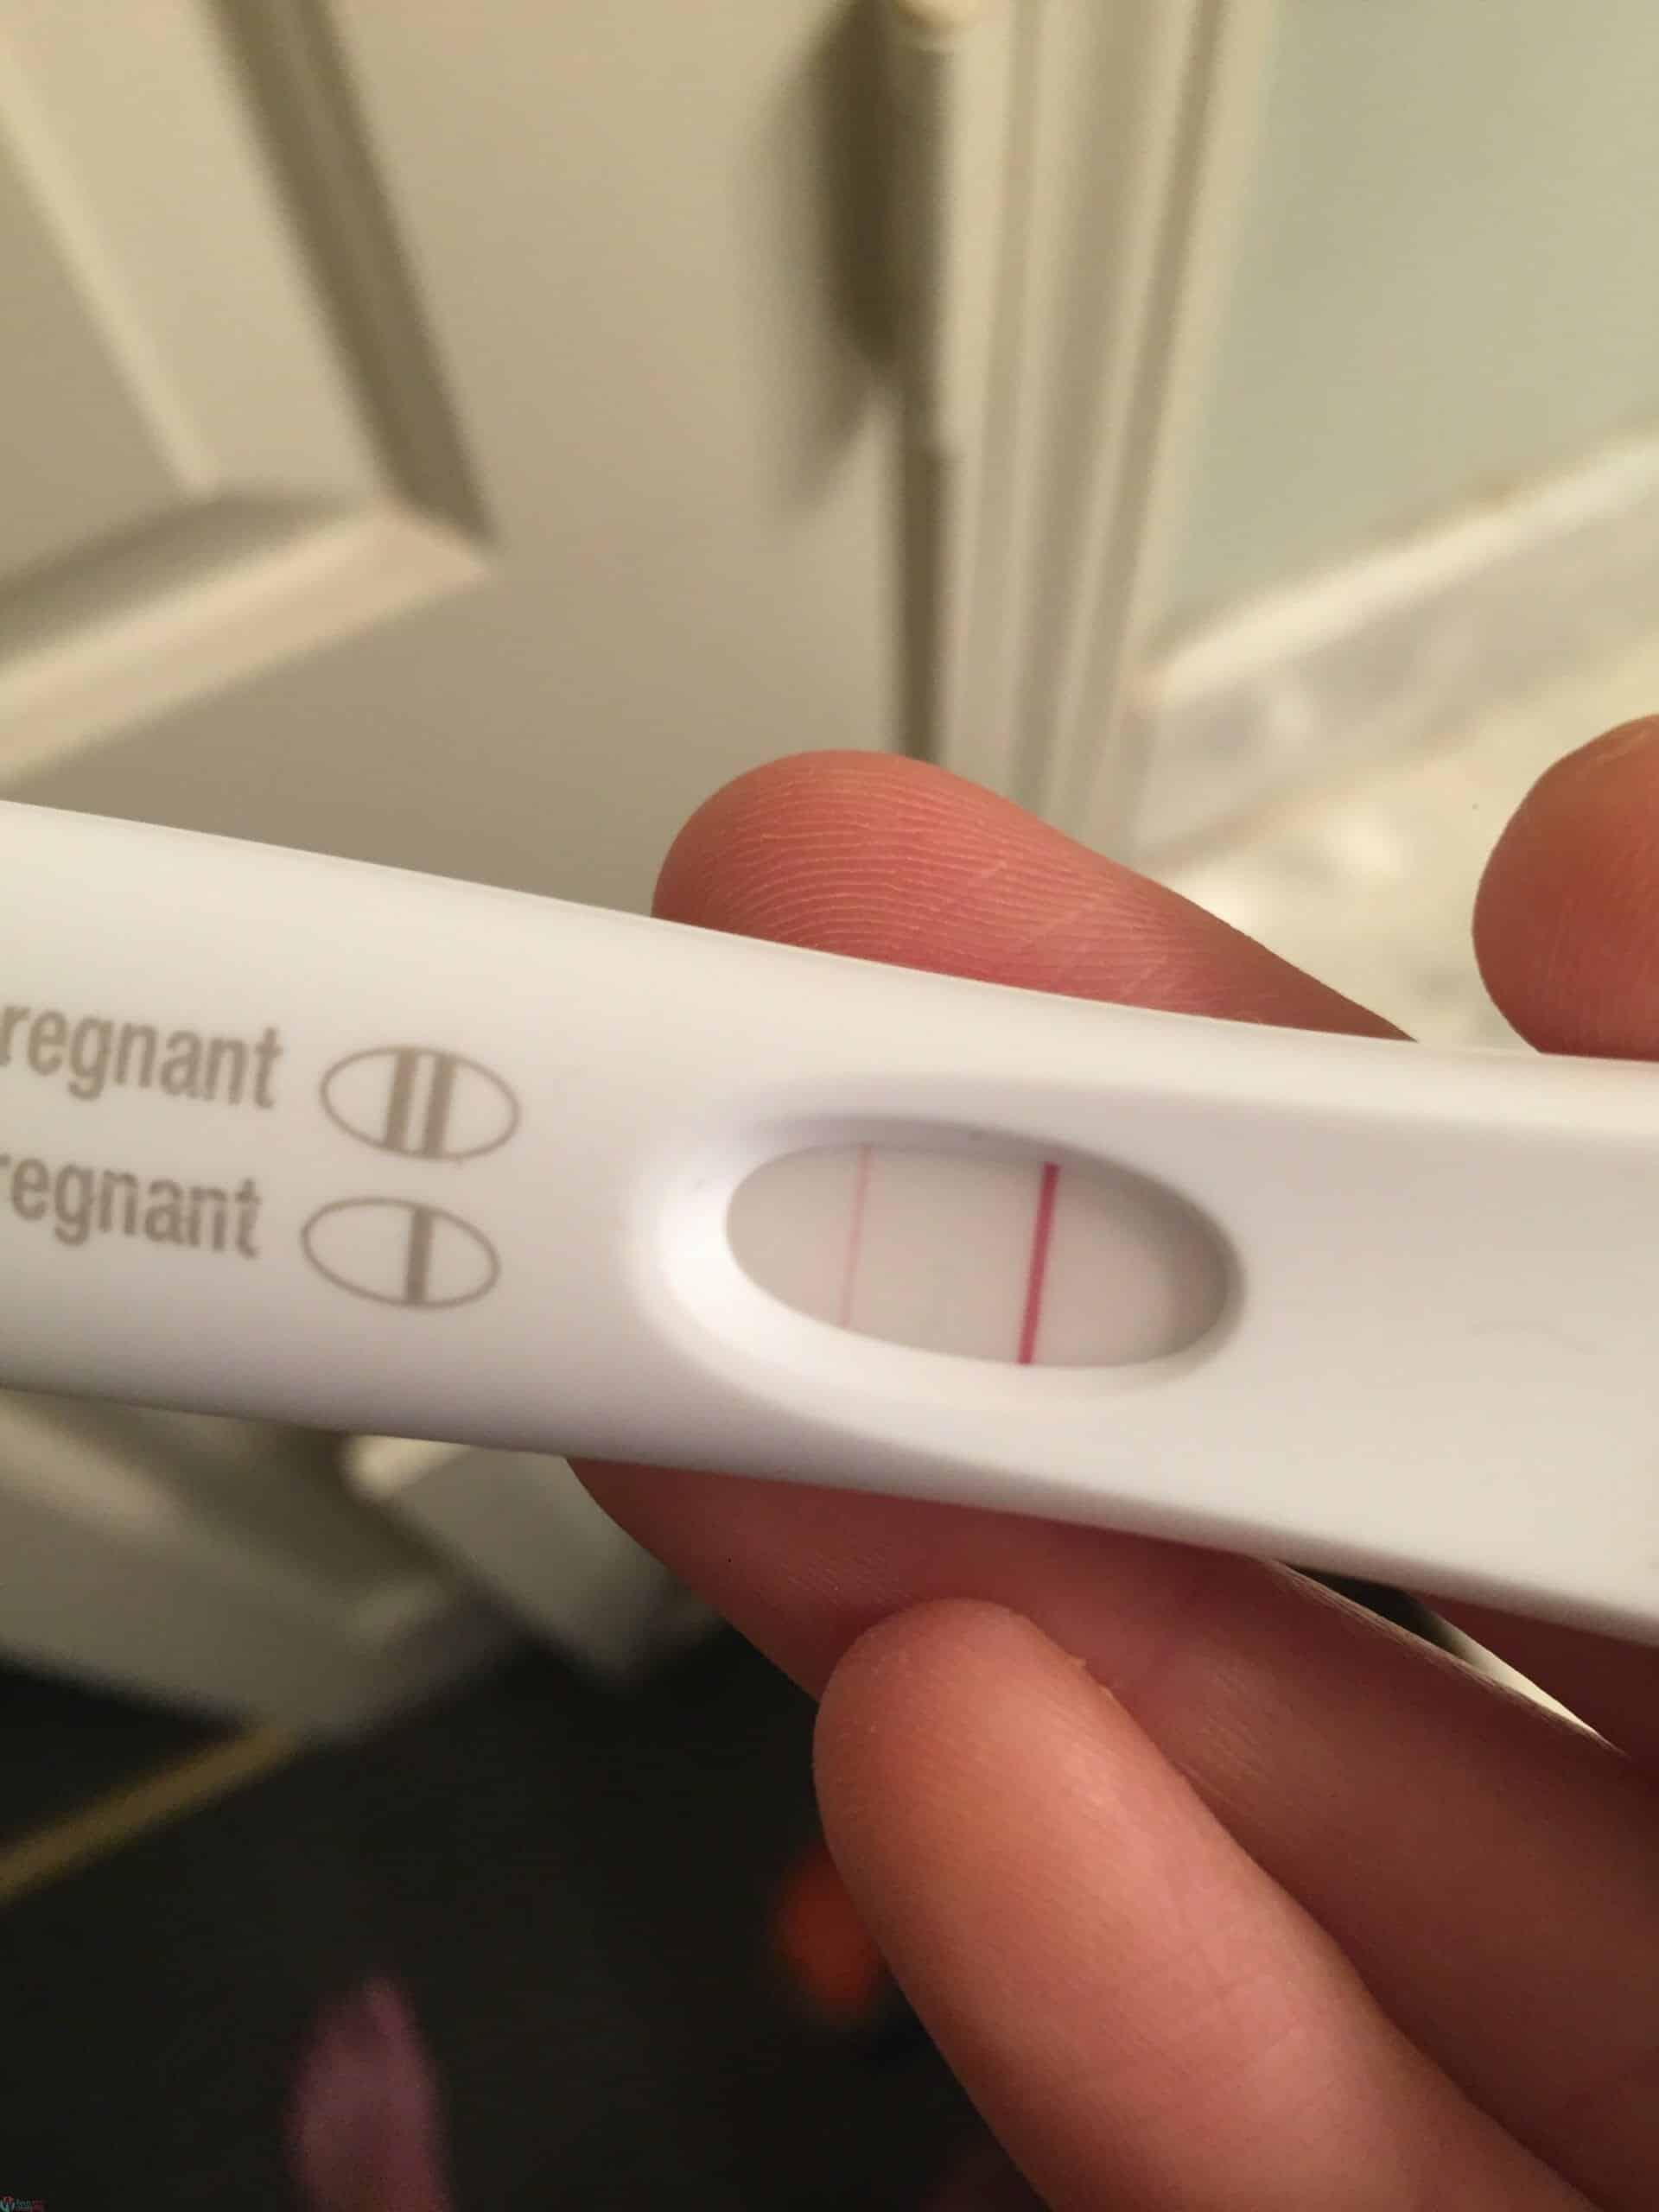 ظهور خط باهت في اختبار الحمل و الفرق بين الايجابي والسلبي! 17